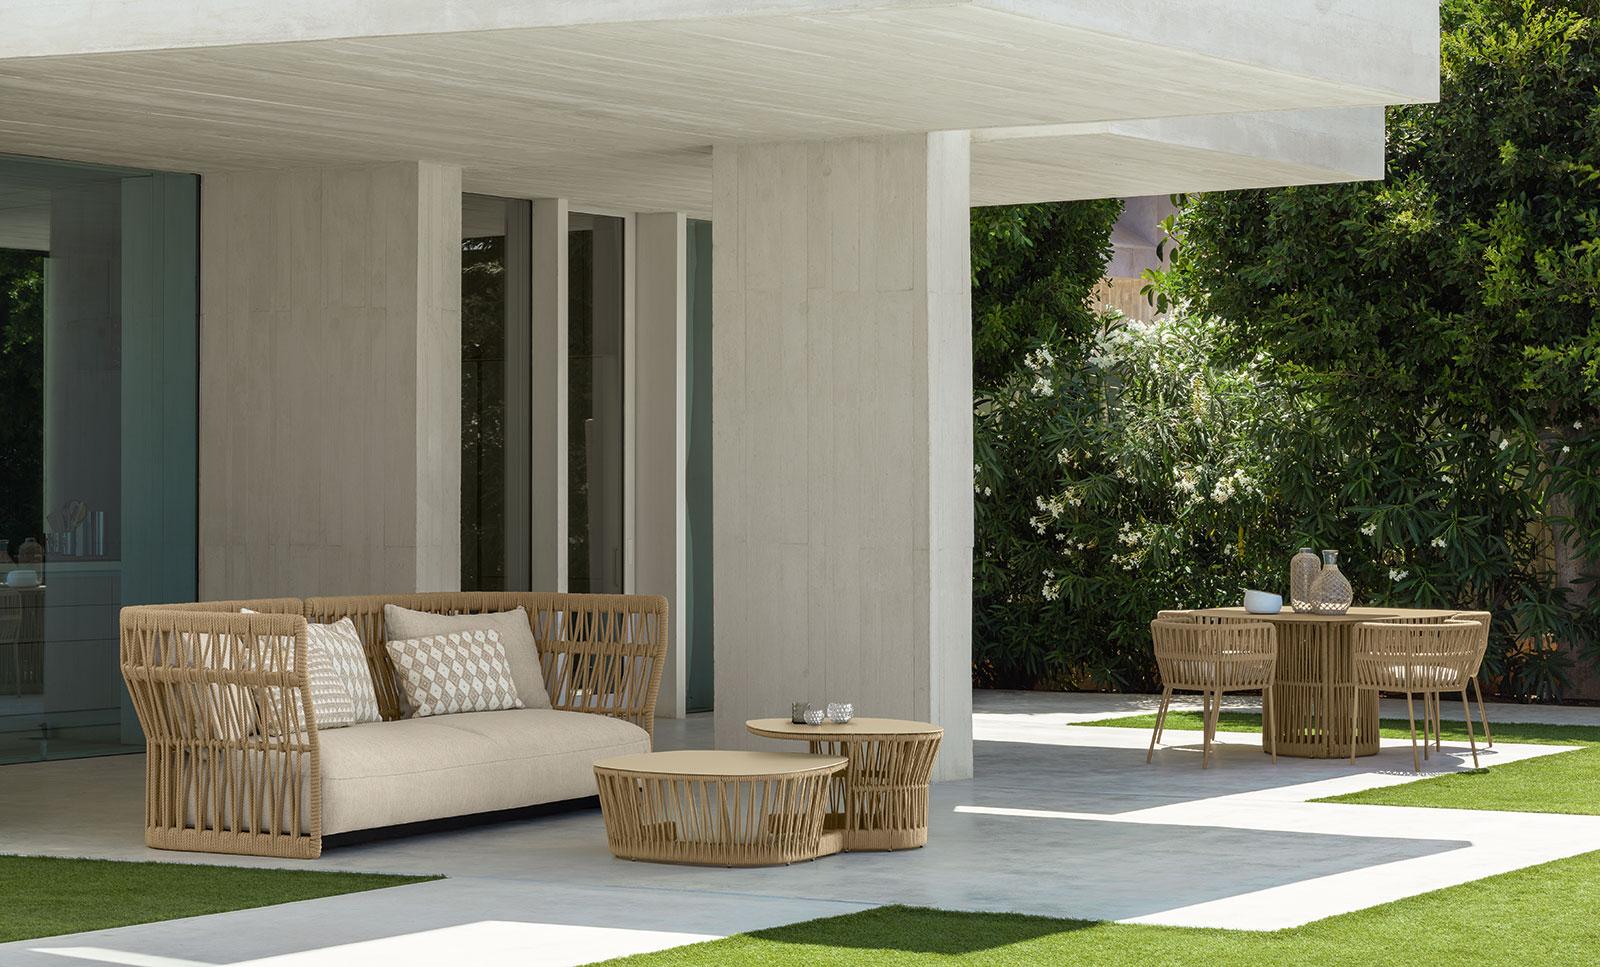 Divano da esterno in alluminio e corda intrecciata. Vendita online di mobili da giardino design di alta qualità con consegna gratuita. Mobili per terrazze.